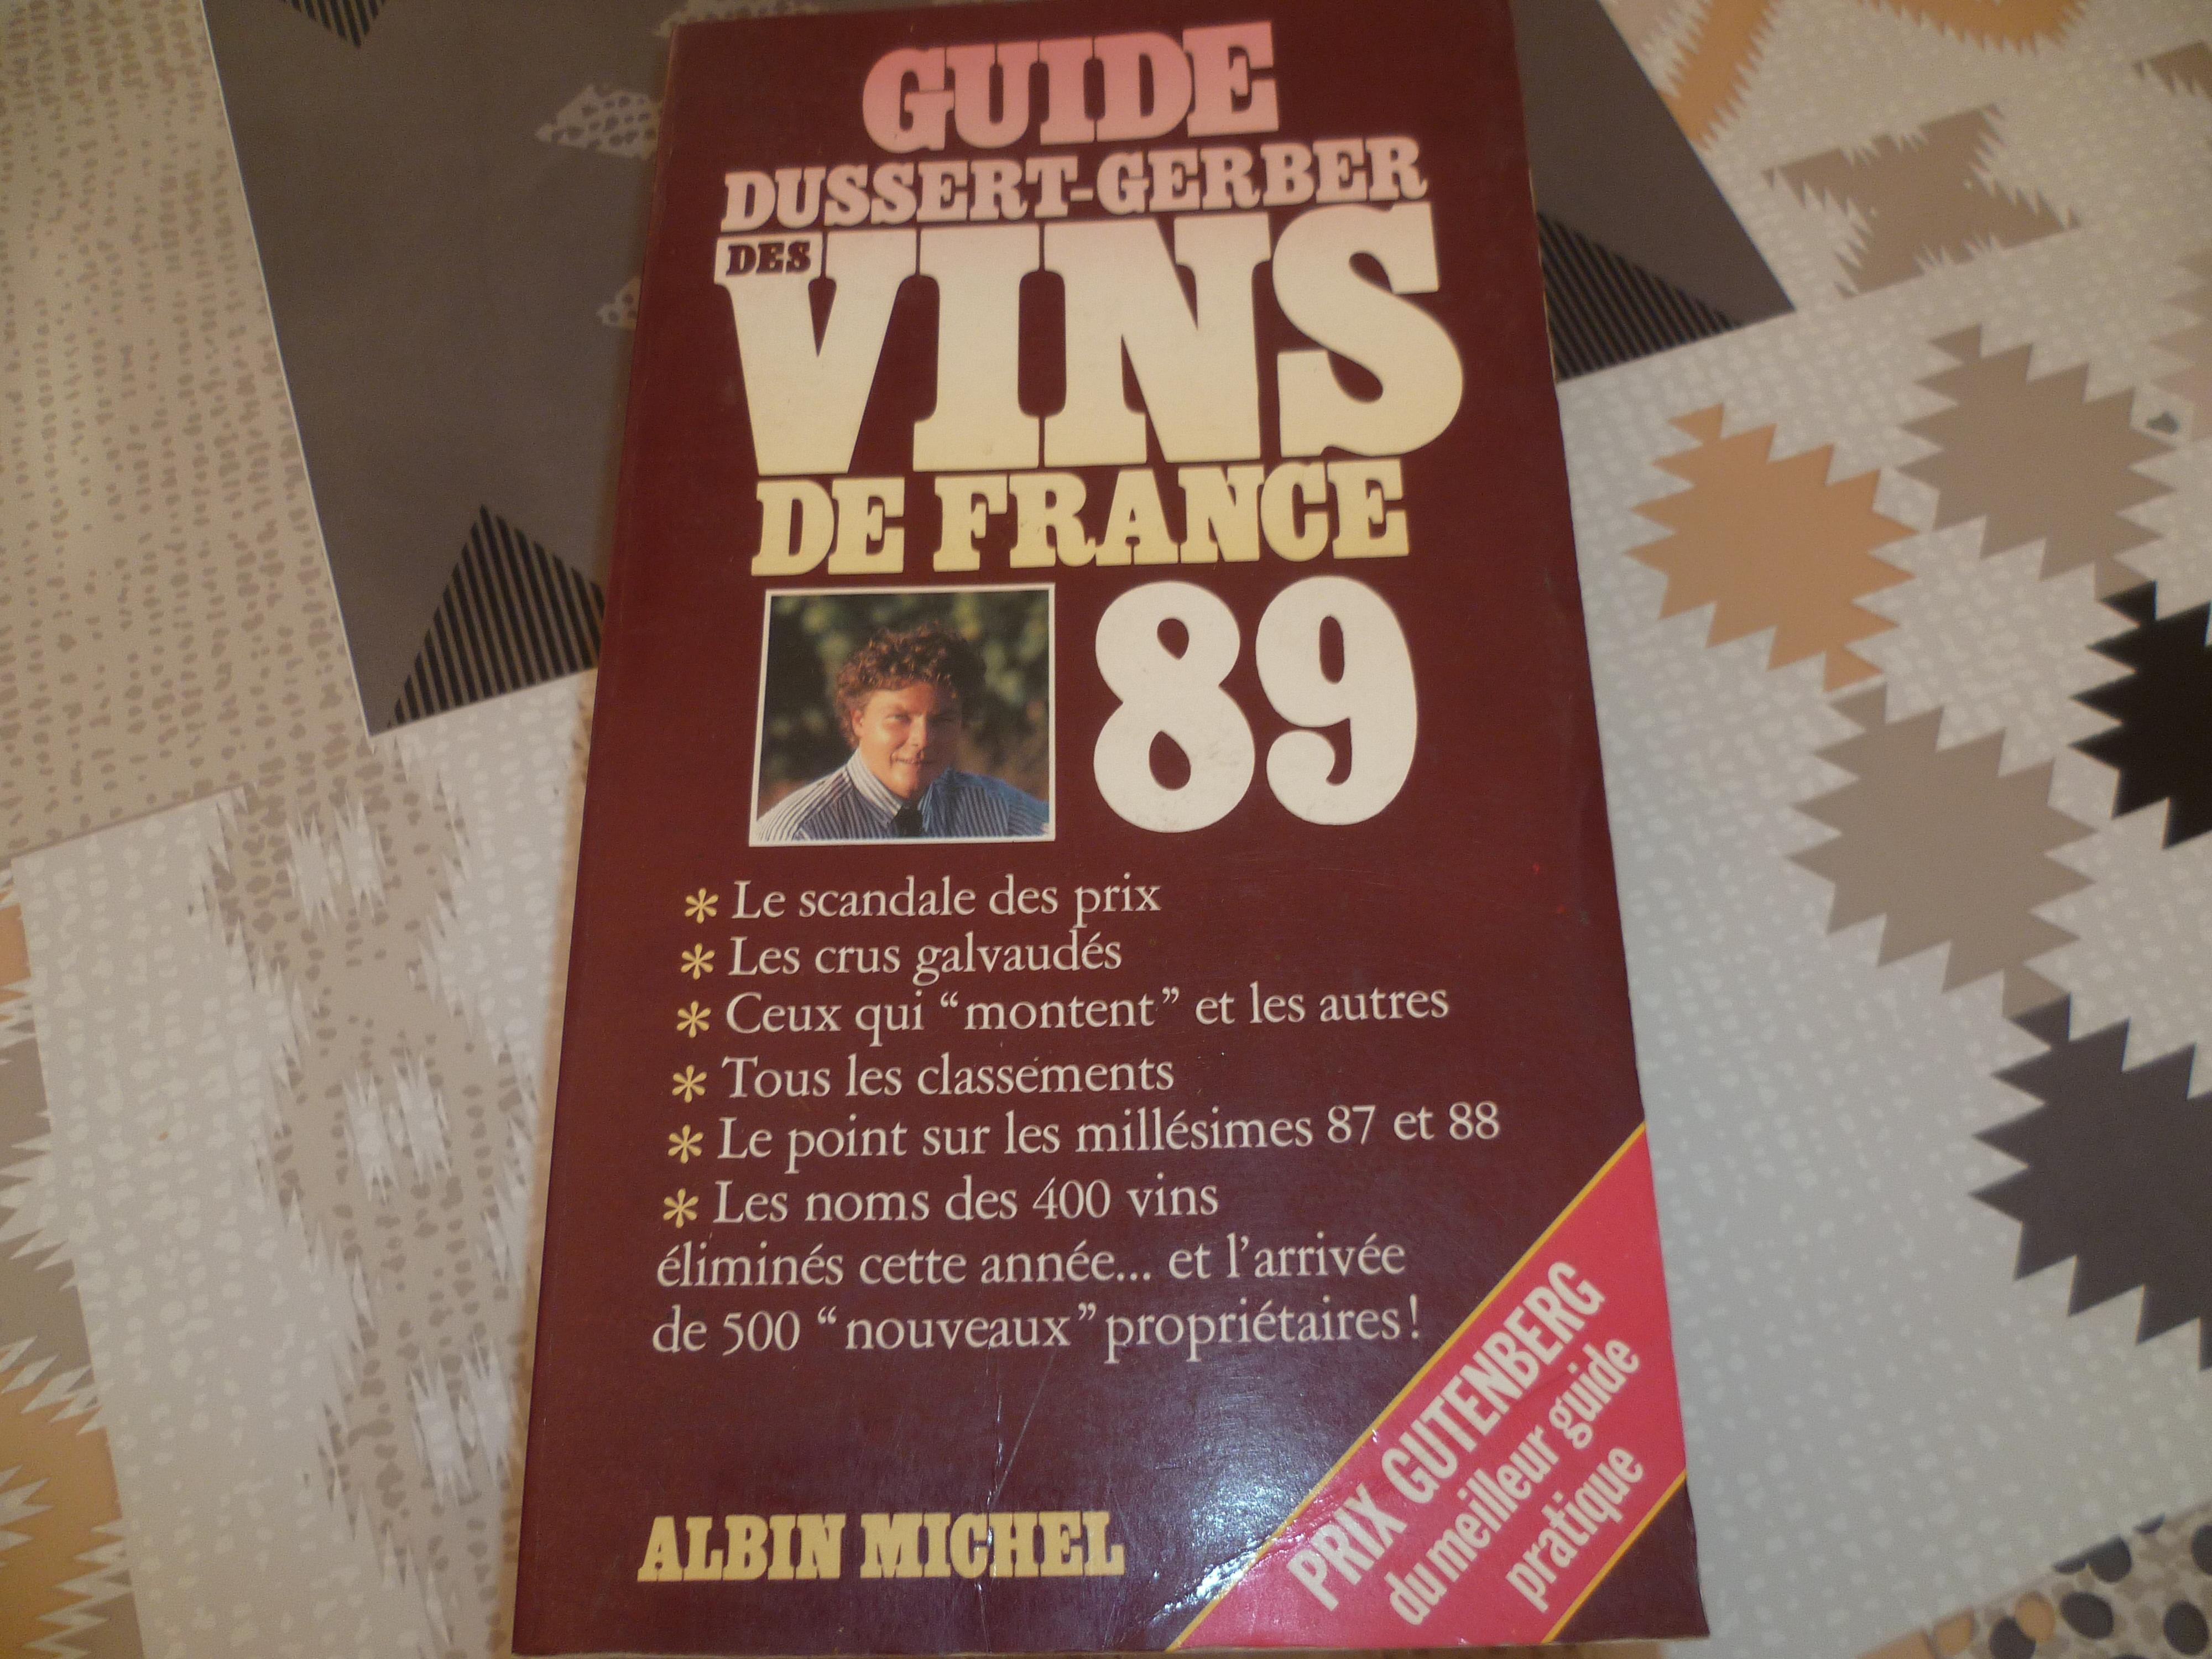 troc de troc guide des vins de france image 0